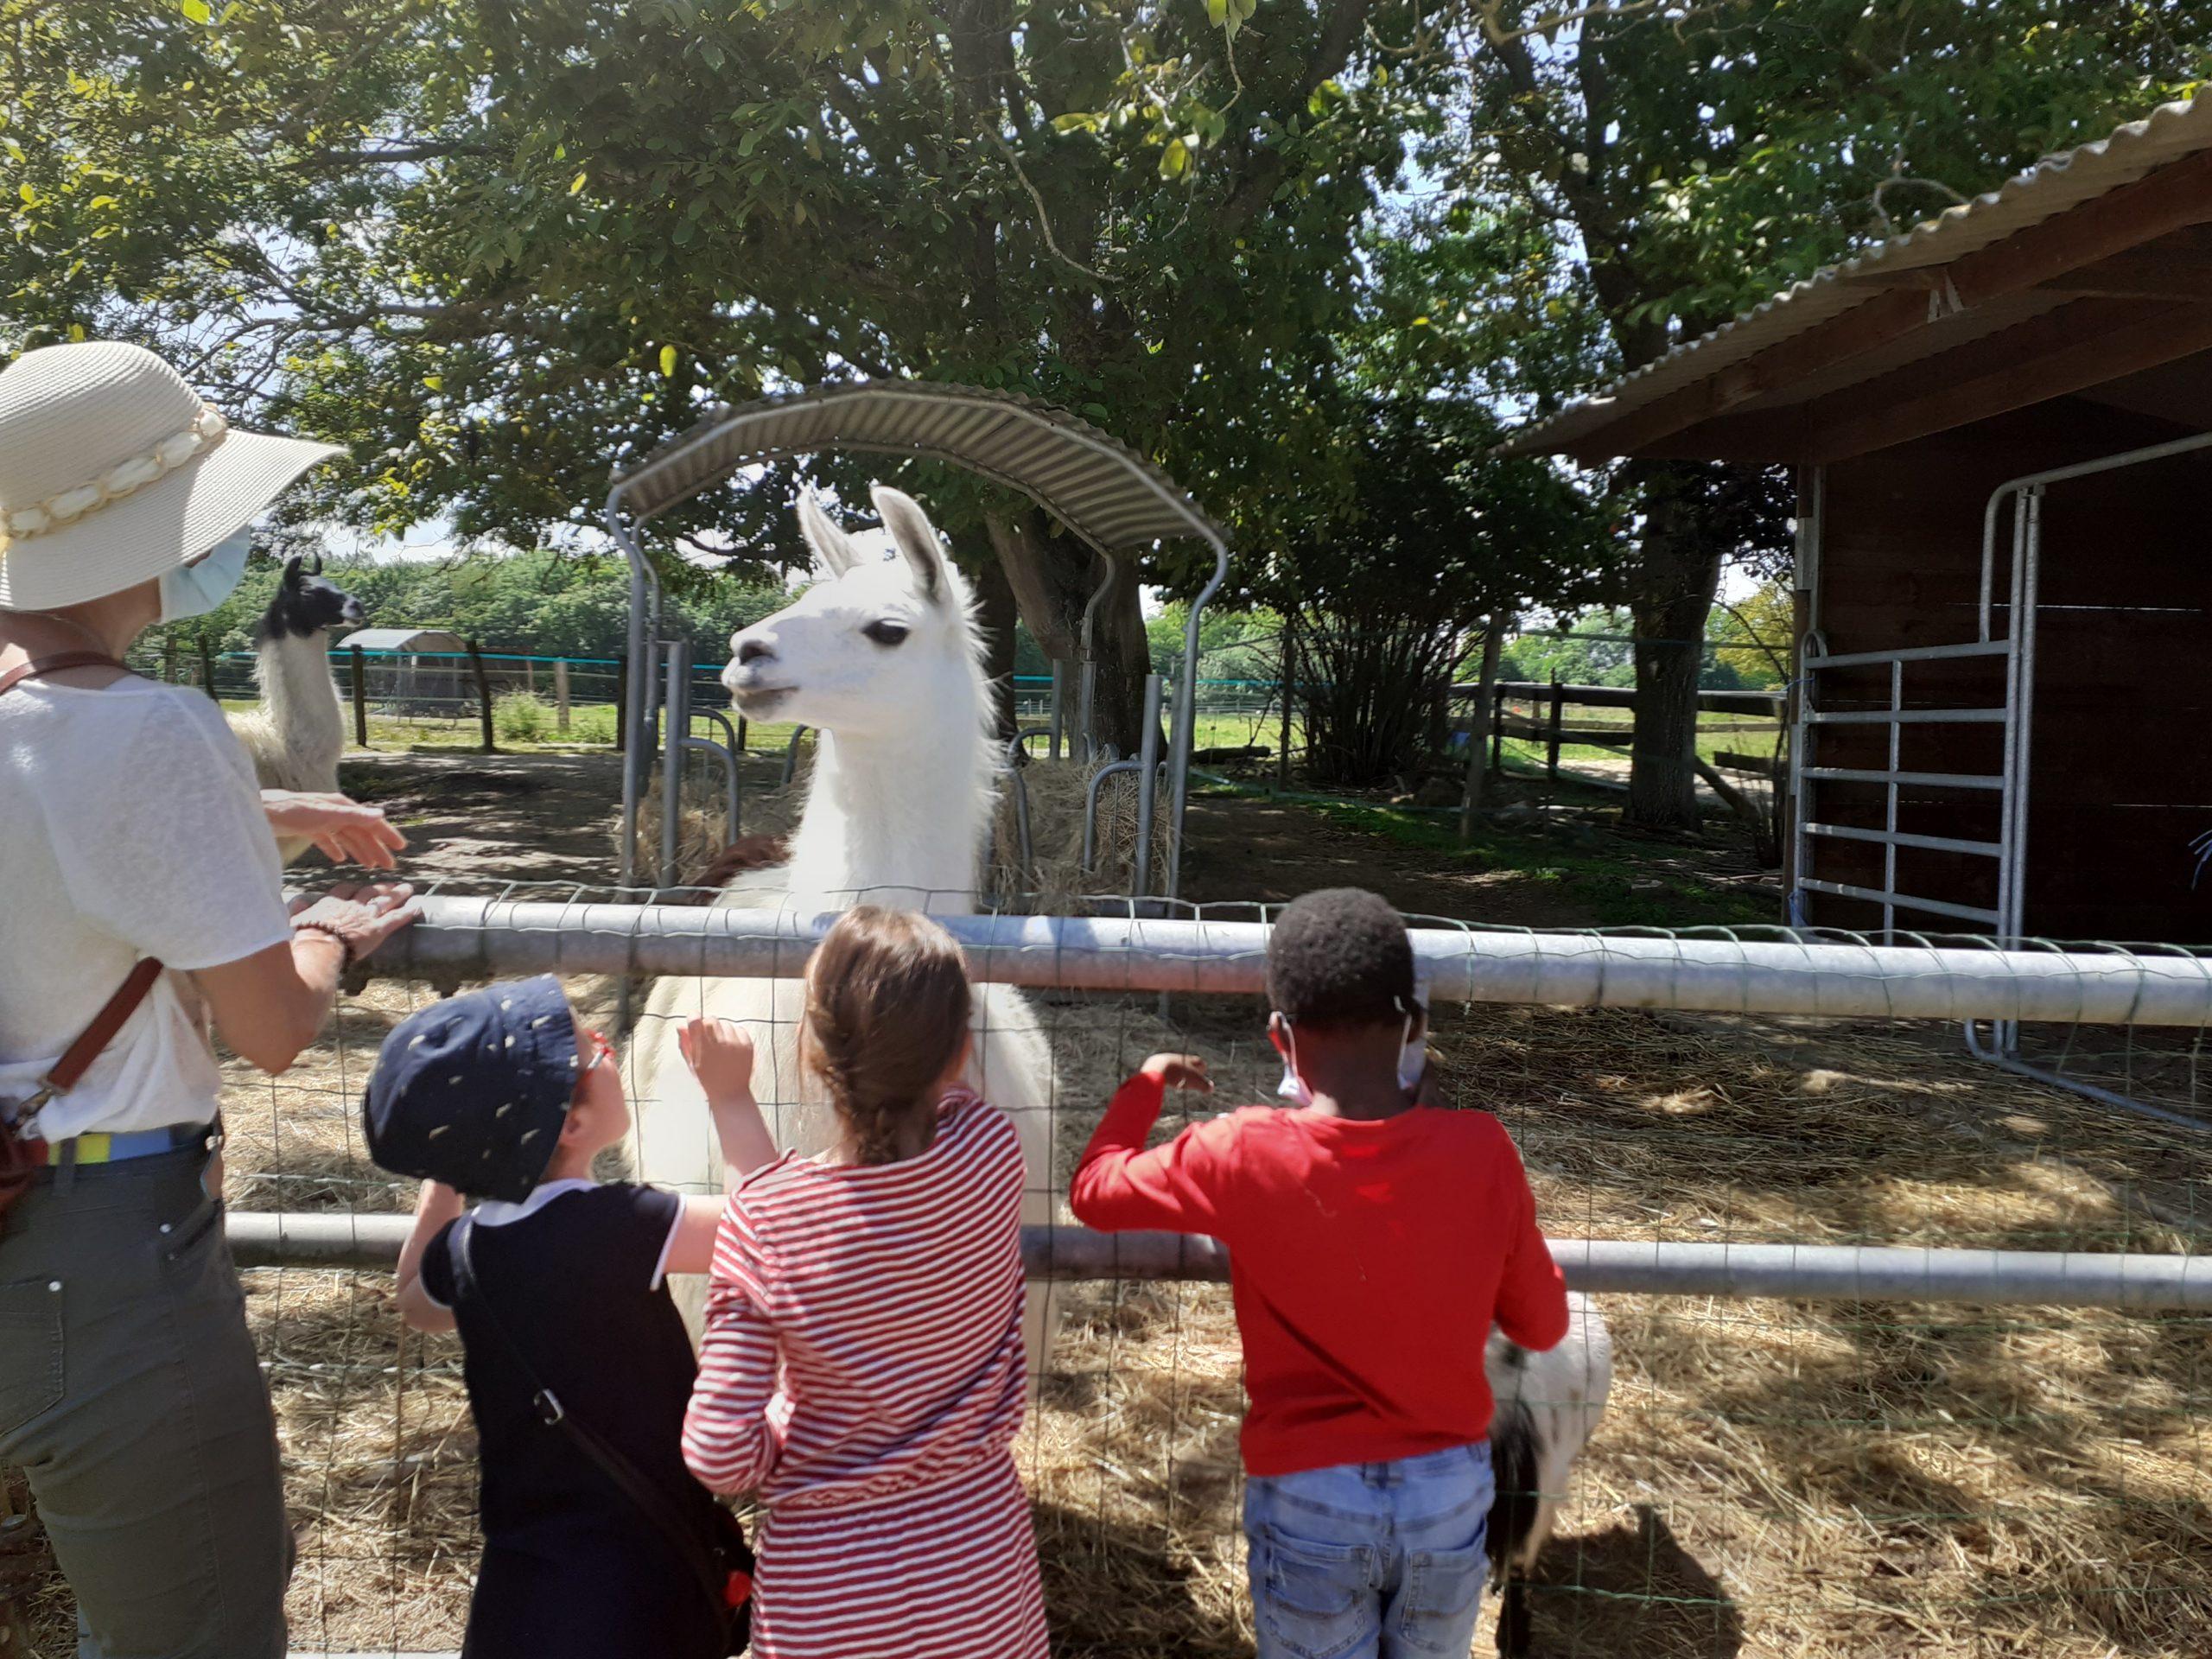 Des enfants devant un lama